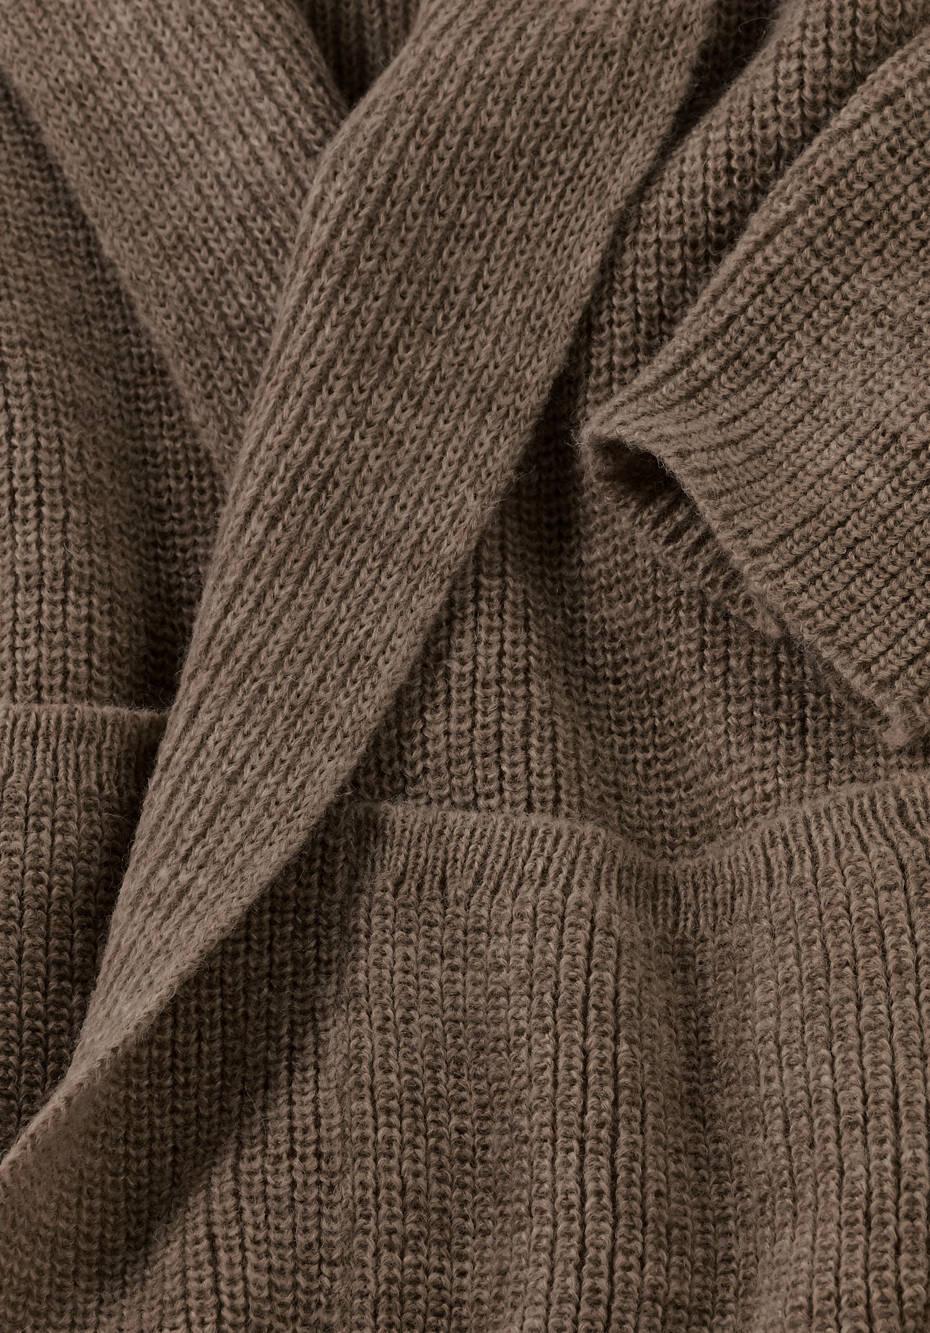 Strickjacke aus reinem Alpaka